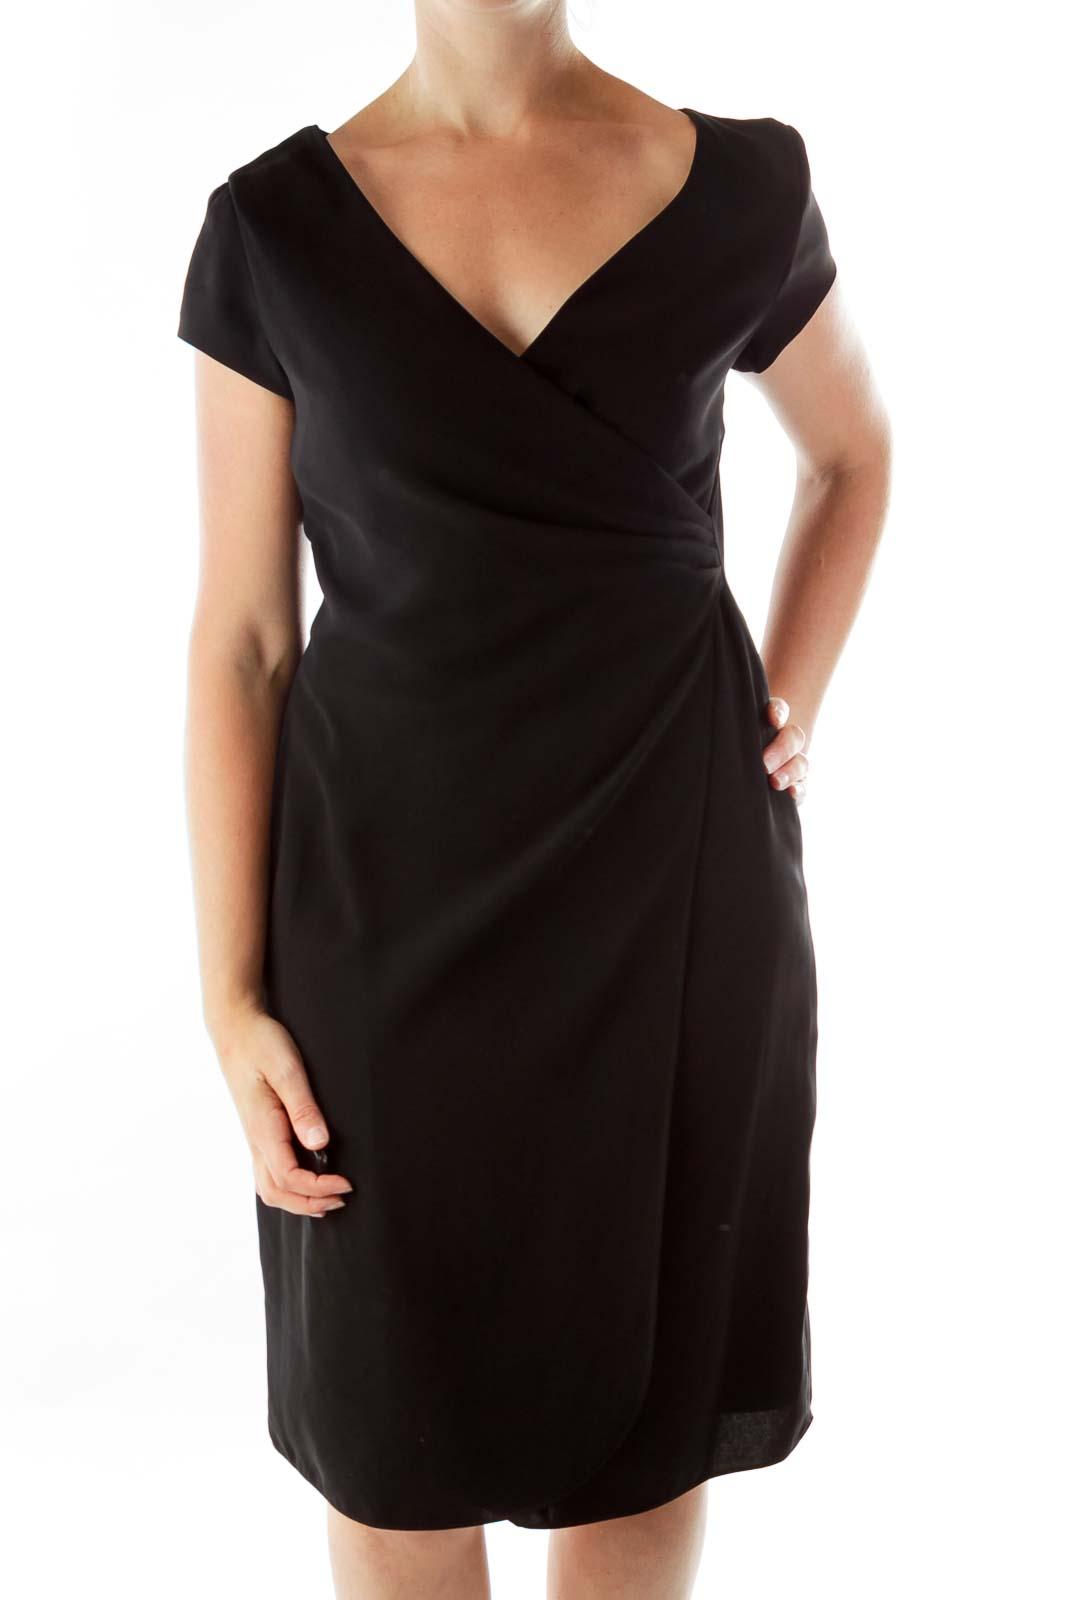 Black V-neck Fitted Dress Front